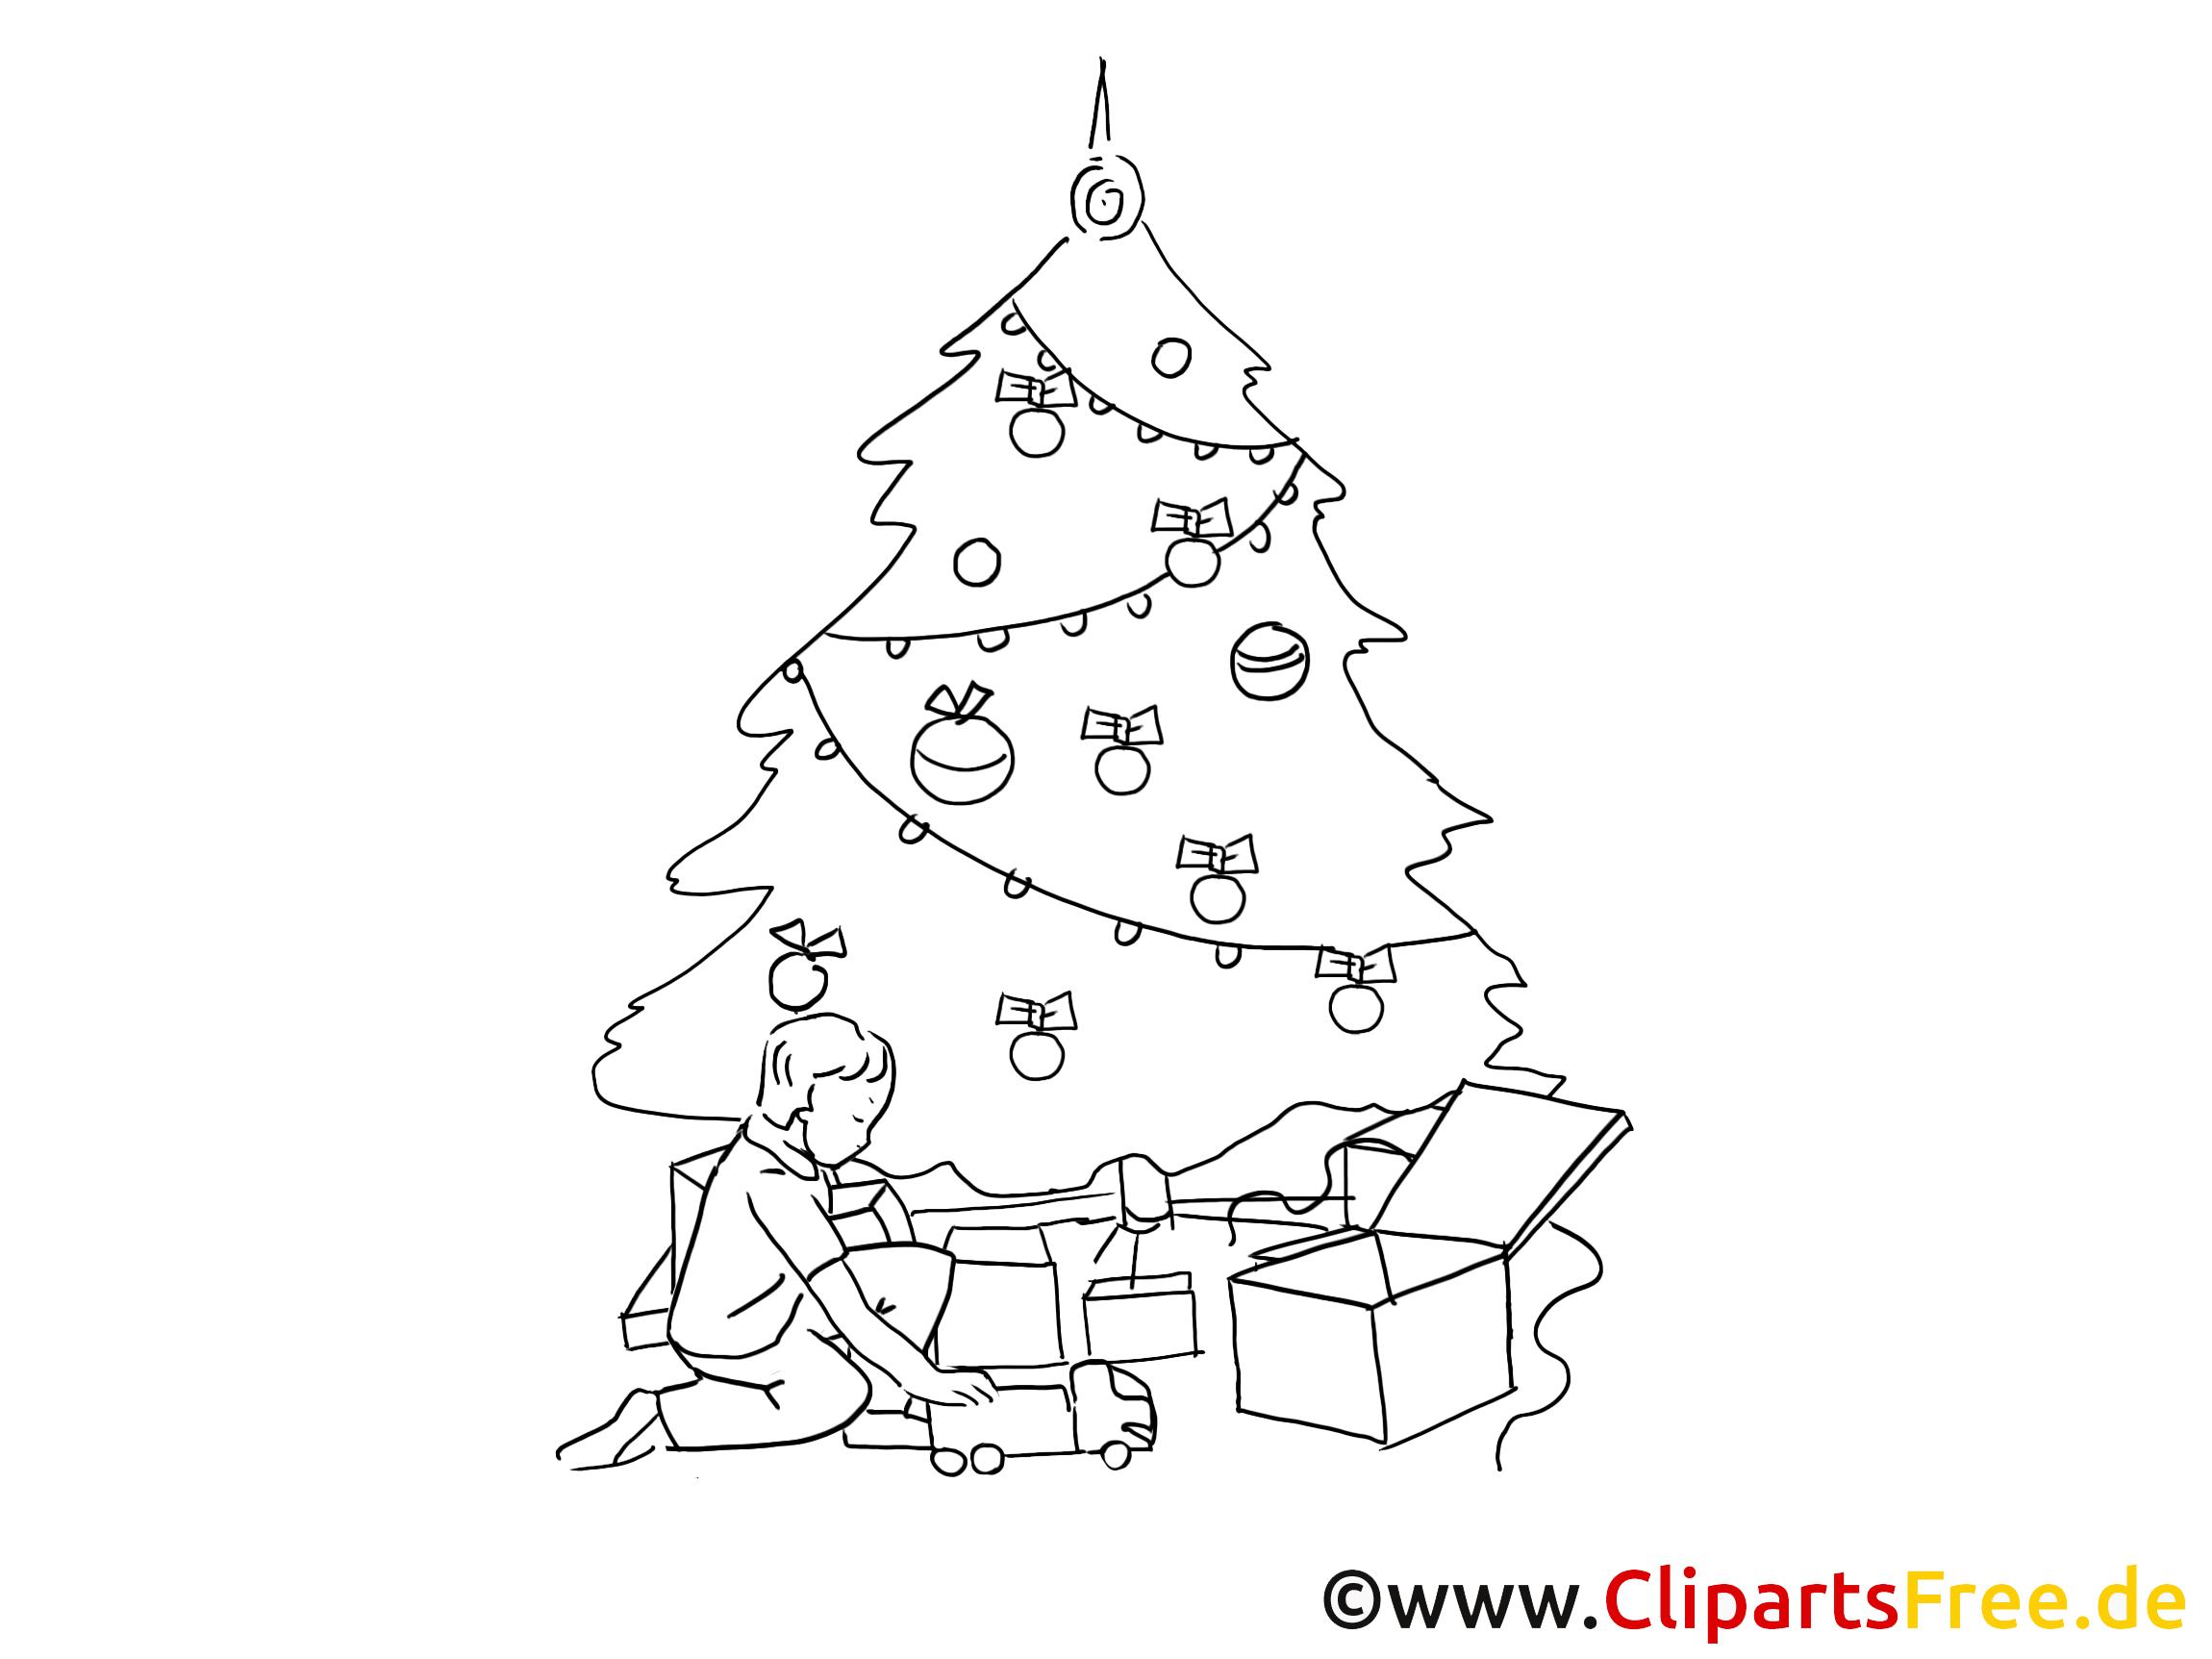 Clipart Weihnachten Schwarz Weiss bei Cliparts Weihnachtsmotive Kostenlos